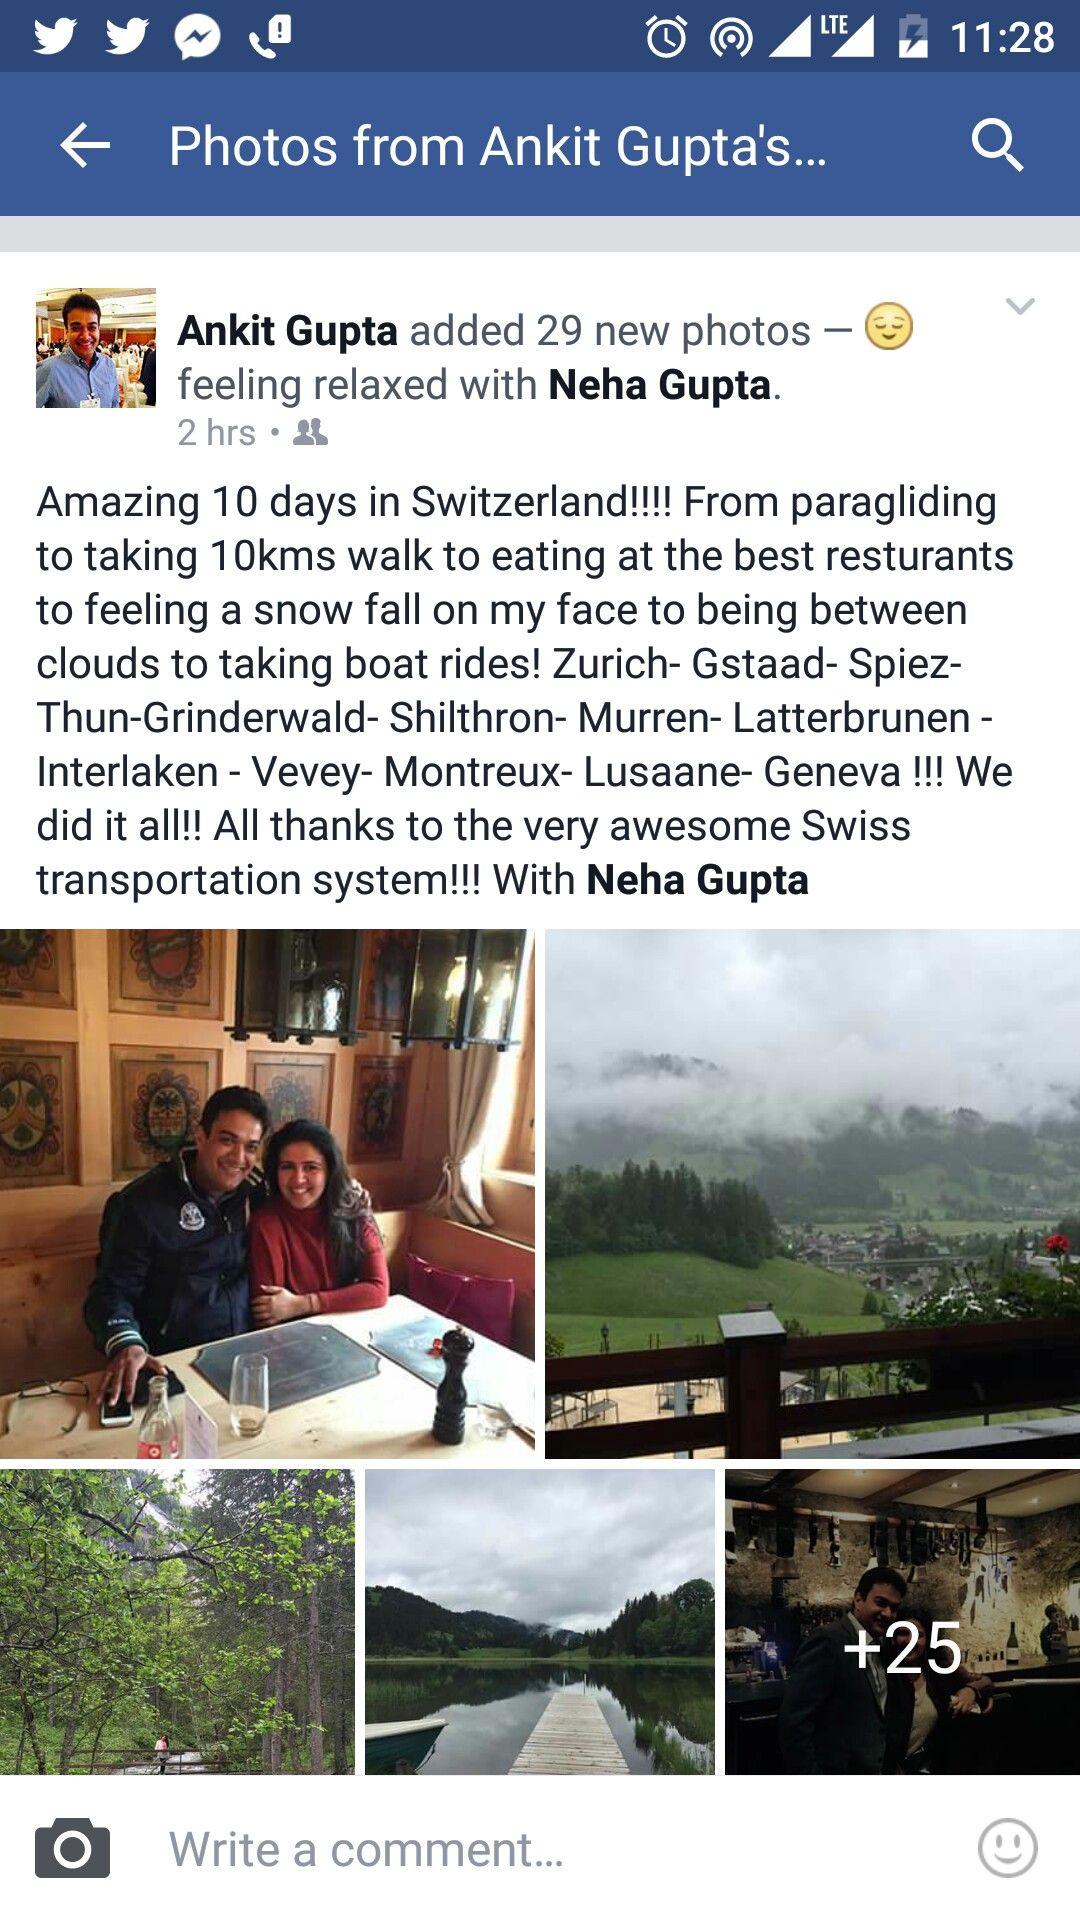 Switzerland in 10 days